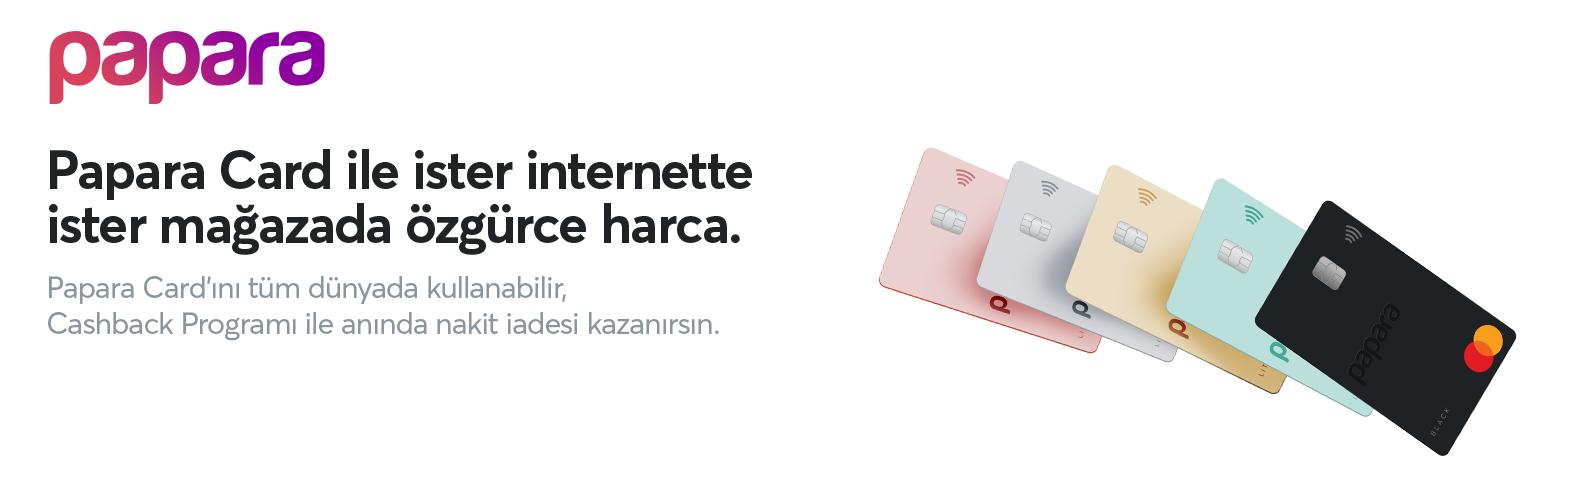 Papara_Card